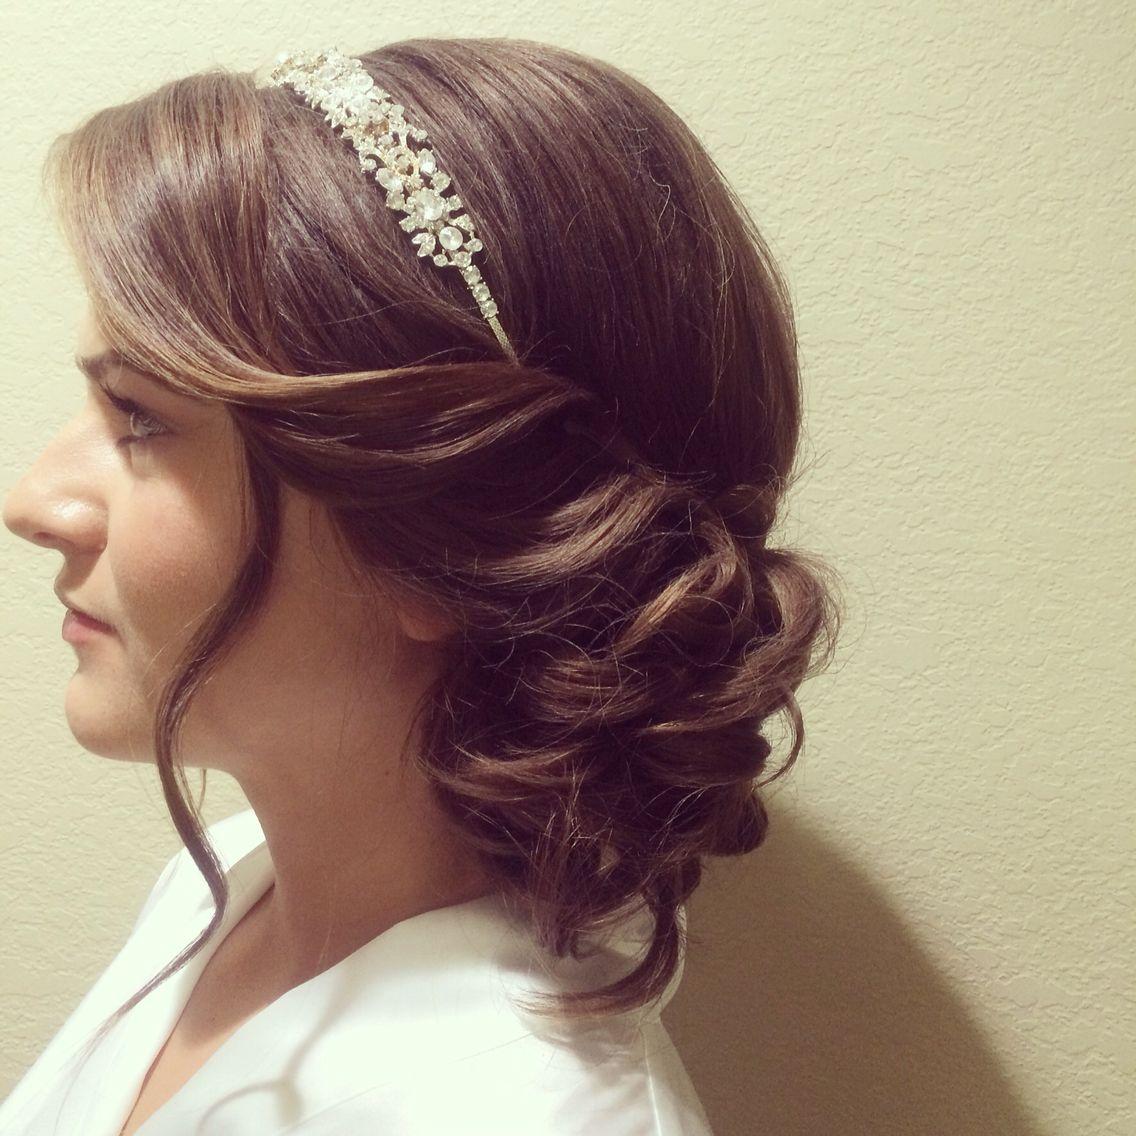 side bun bridal hairstyle with headband www.danaraiabridal